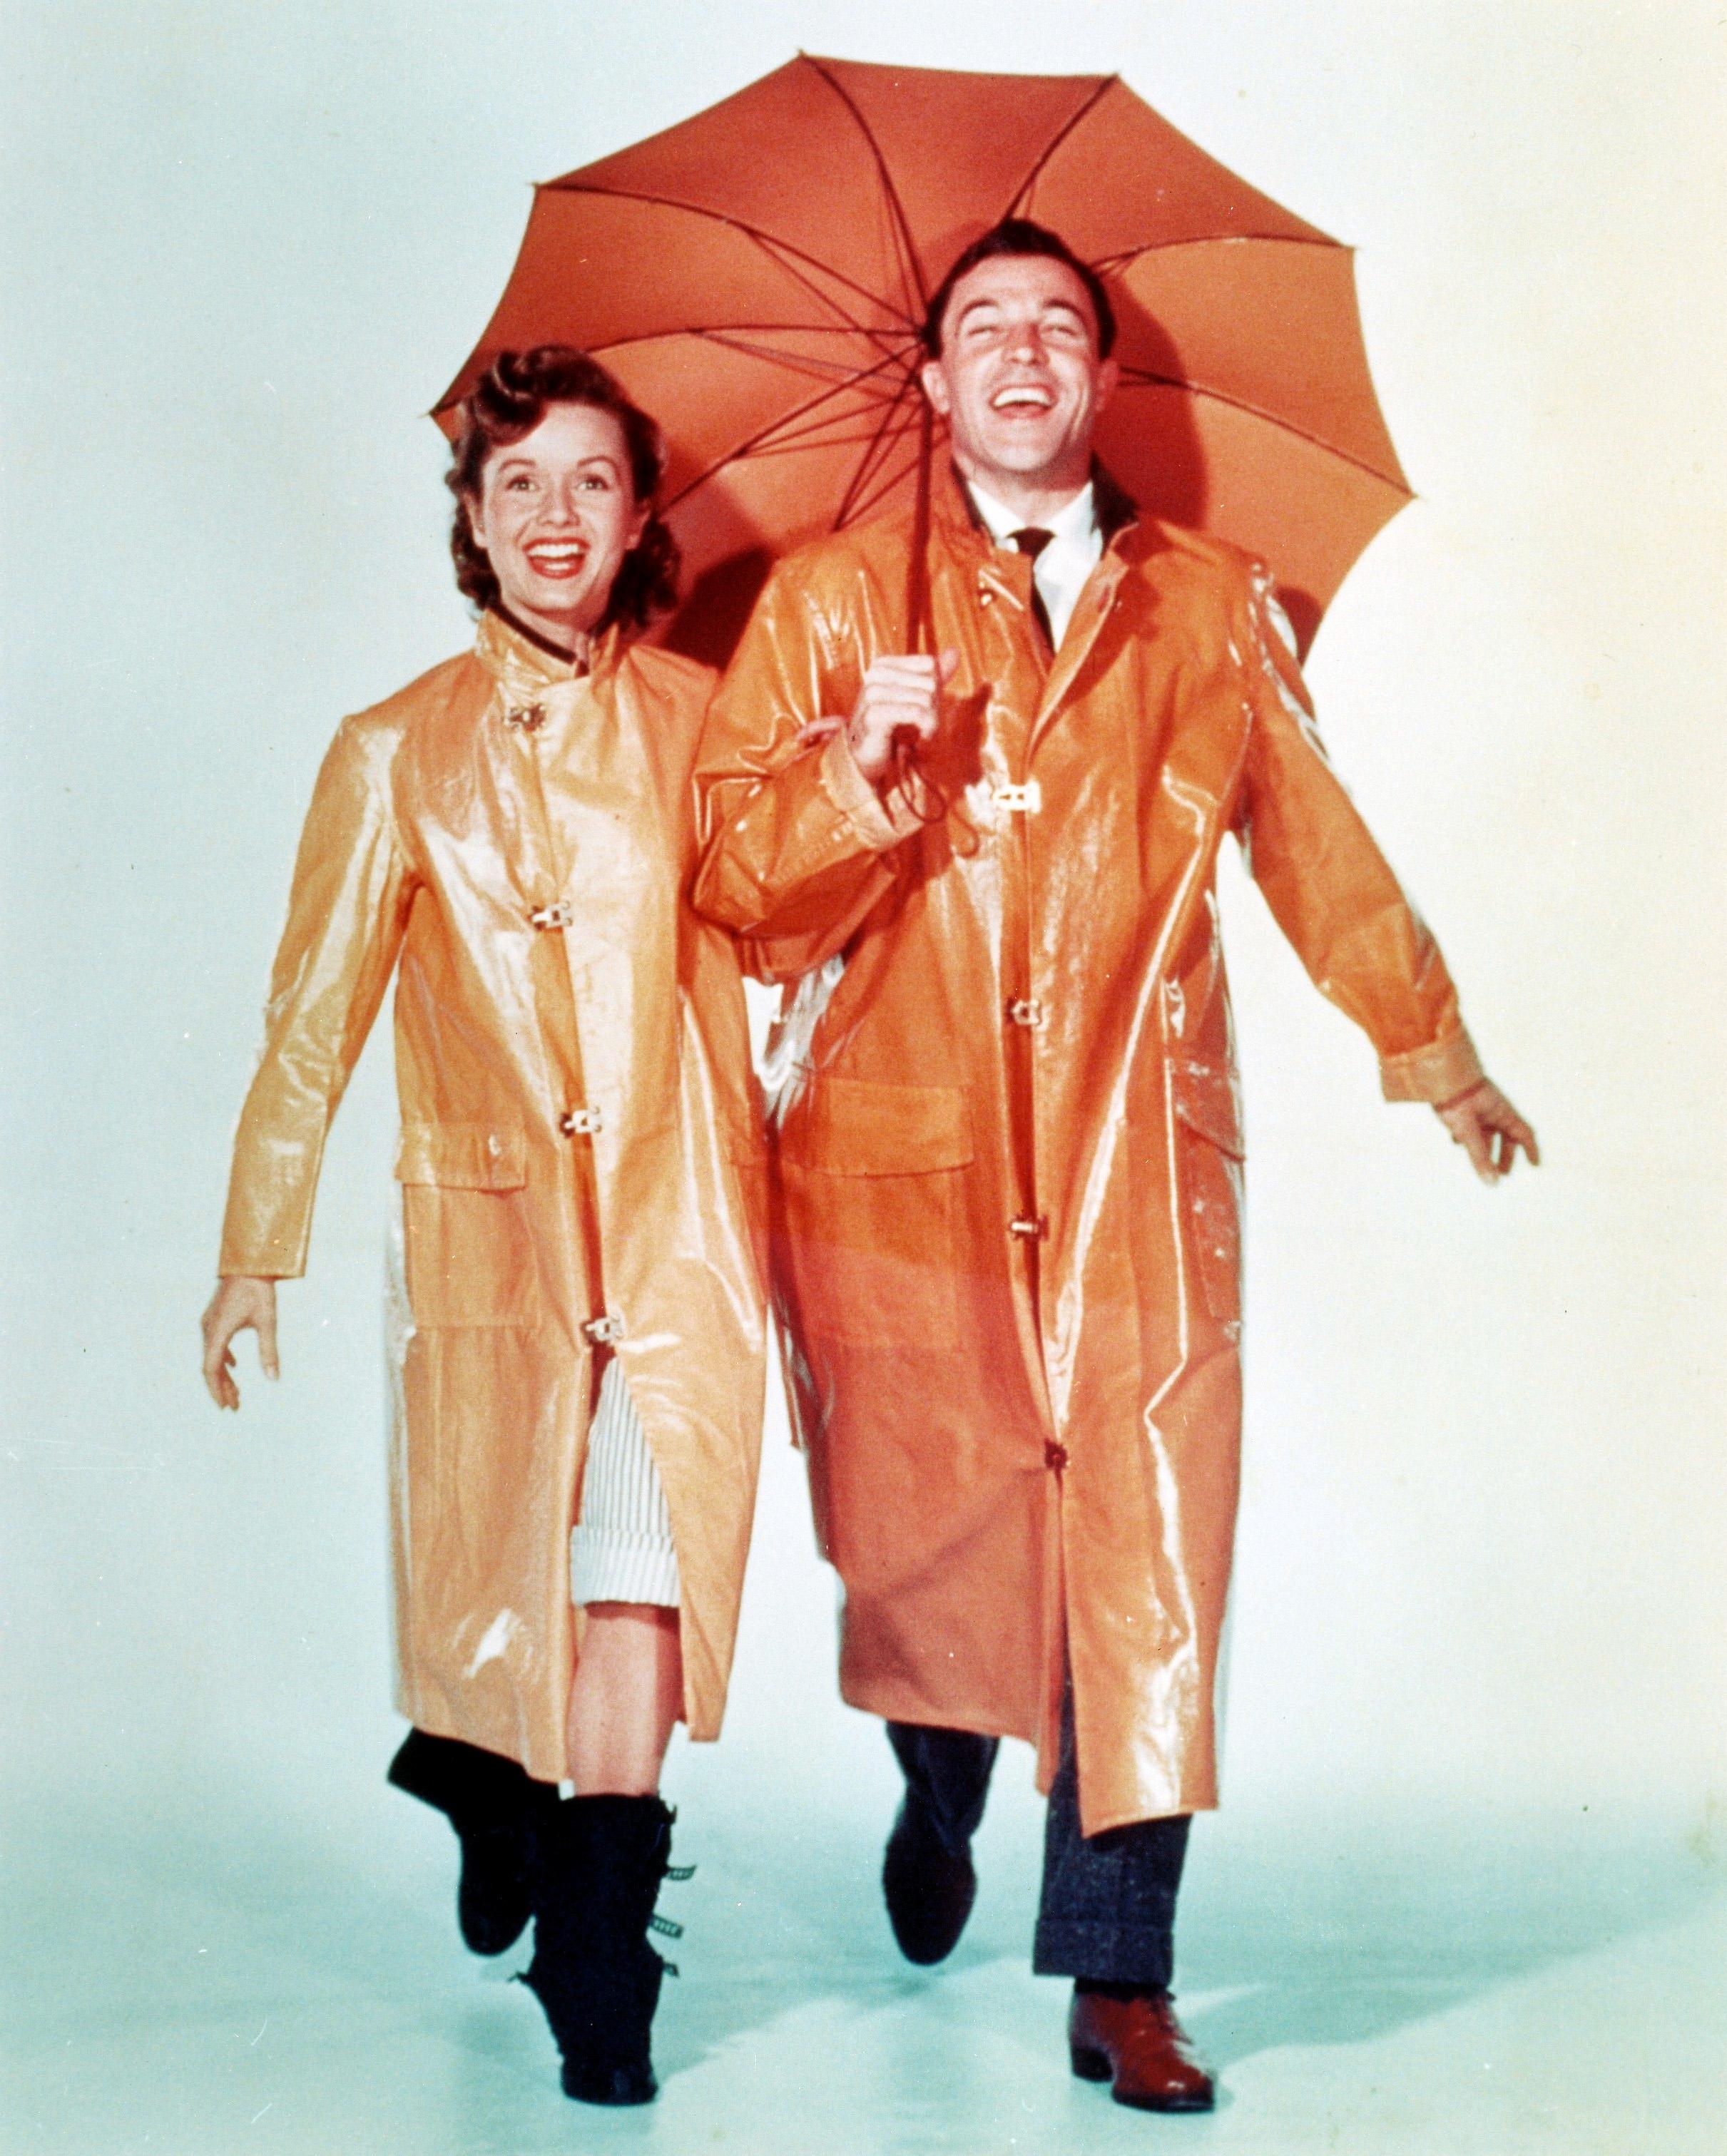 Debbie Reynolds in Singing in the Rain.